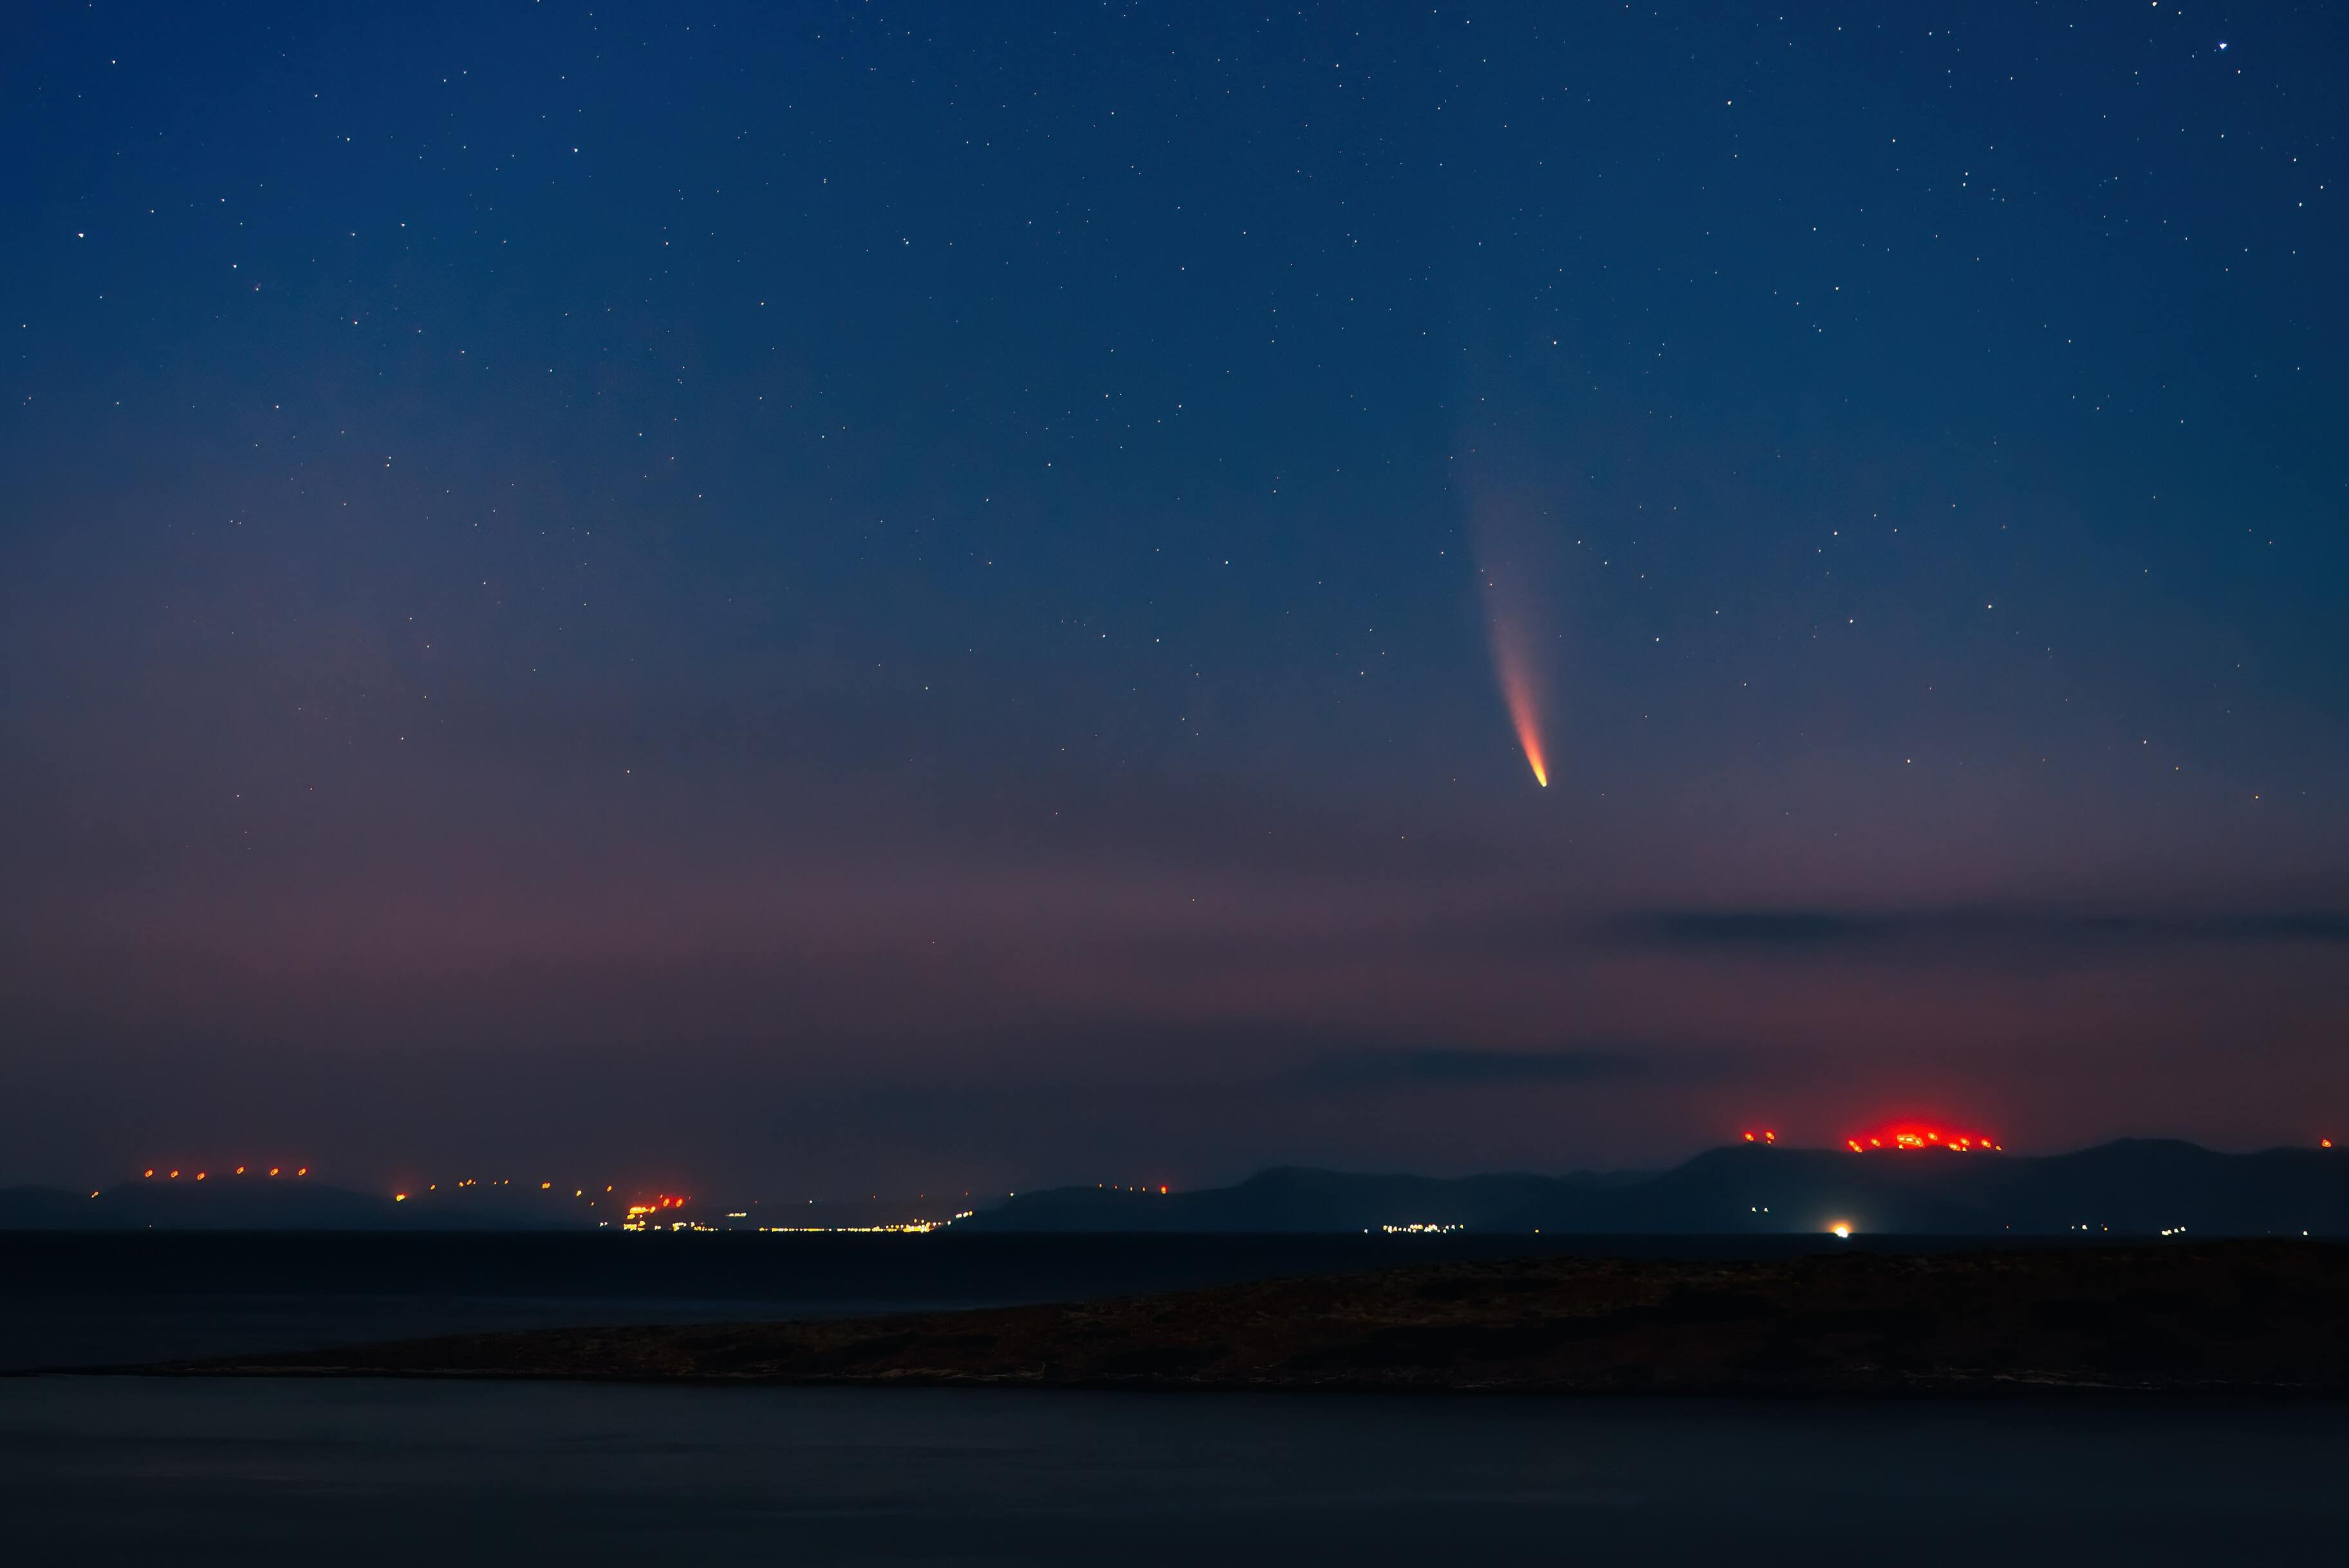 На видео показали метеор над Камчаткой